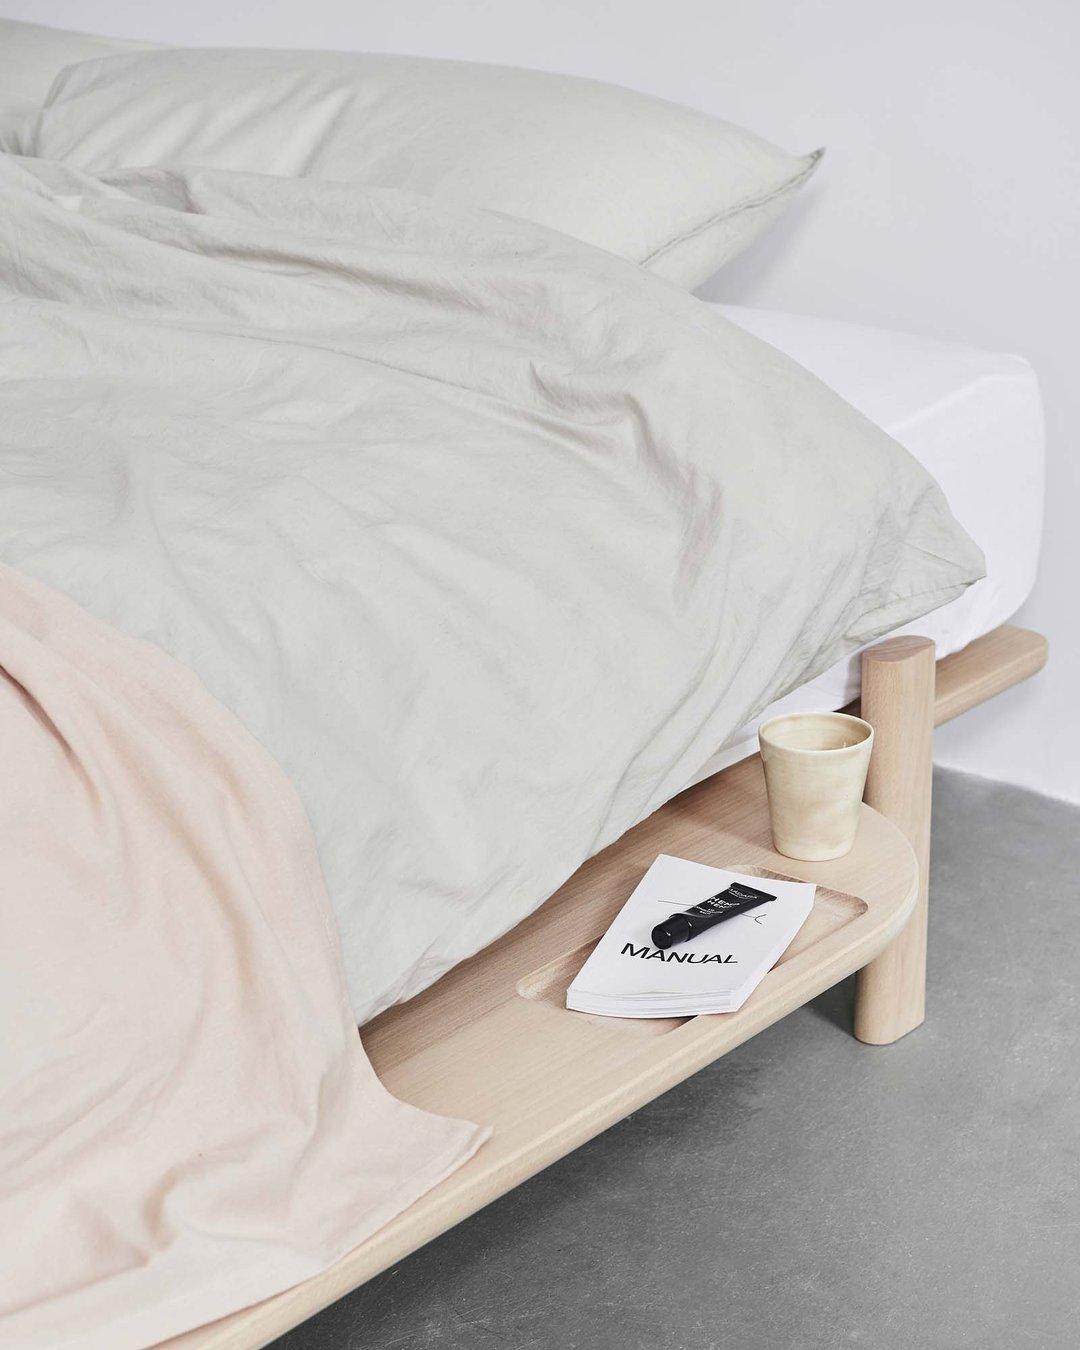 Minimalistisch houten bed